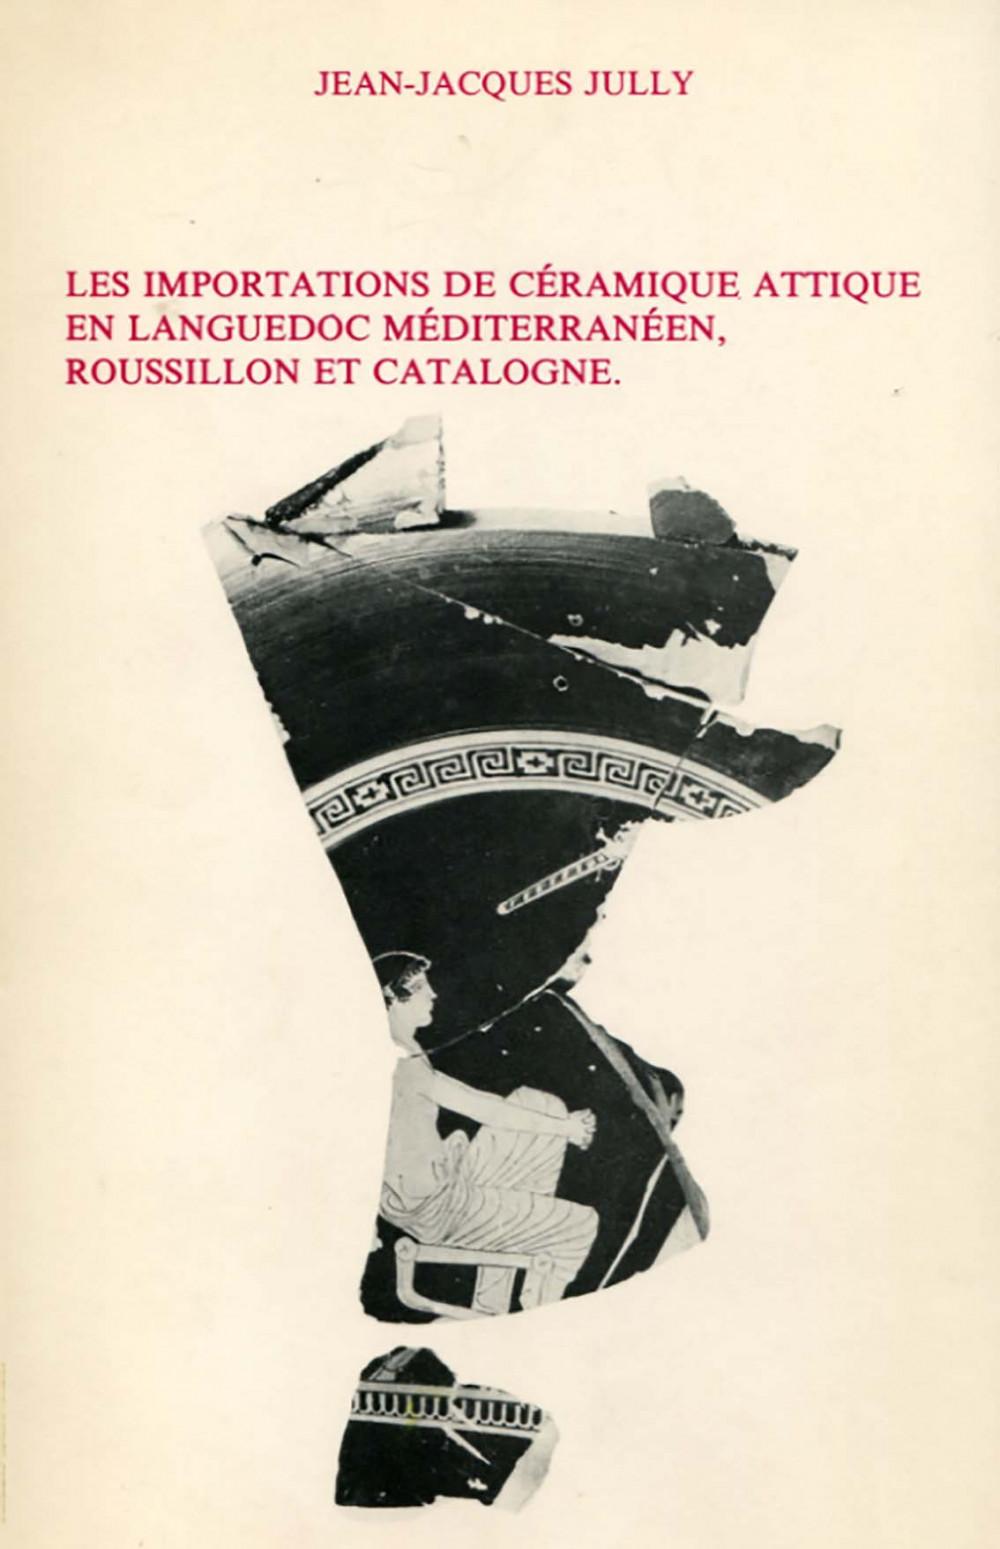 Les importations de céramique attique en Languedoc Méditerranéen, Roussillon et Catalogne